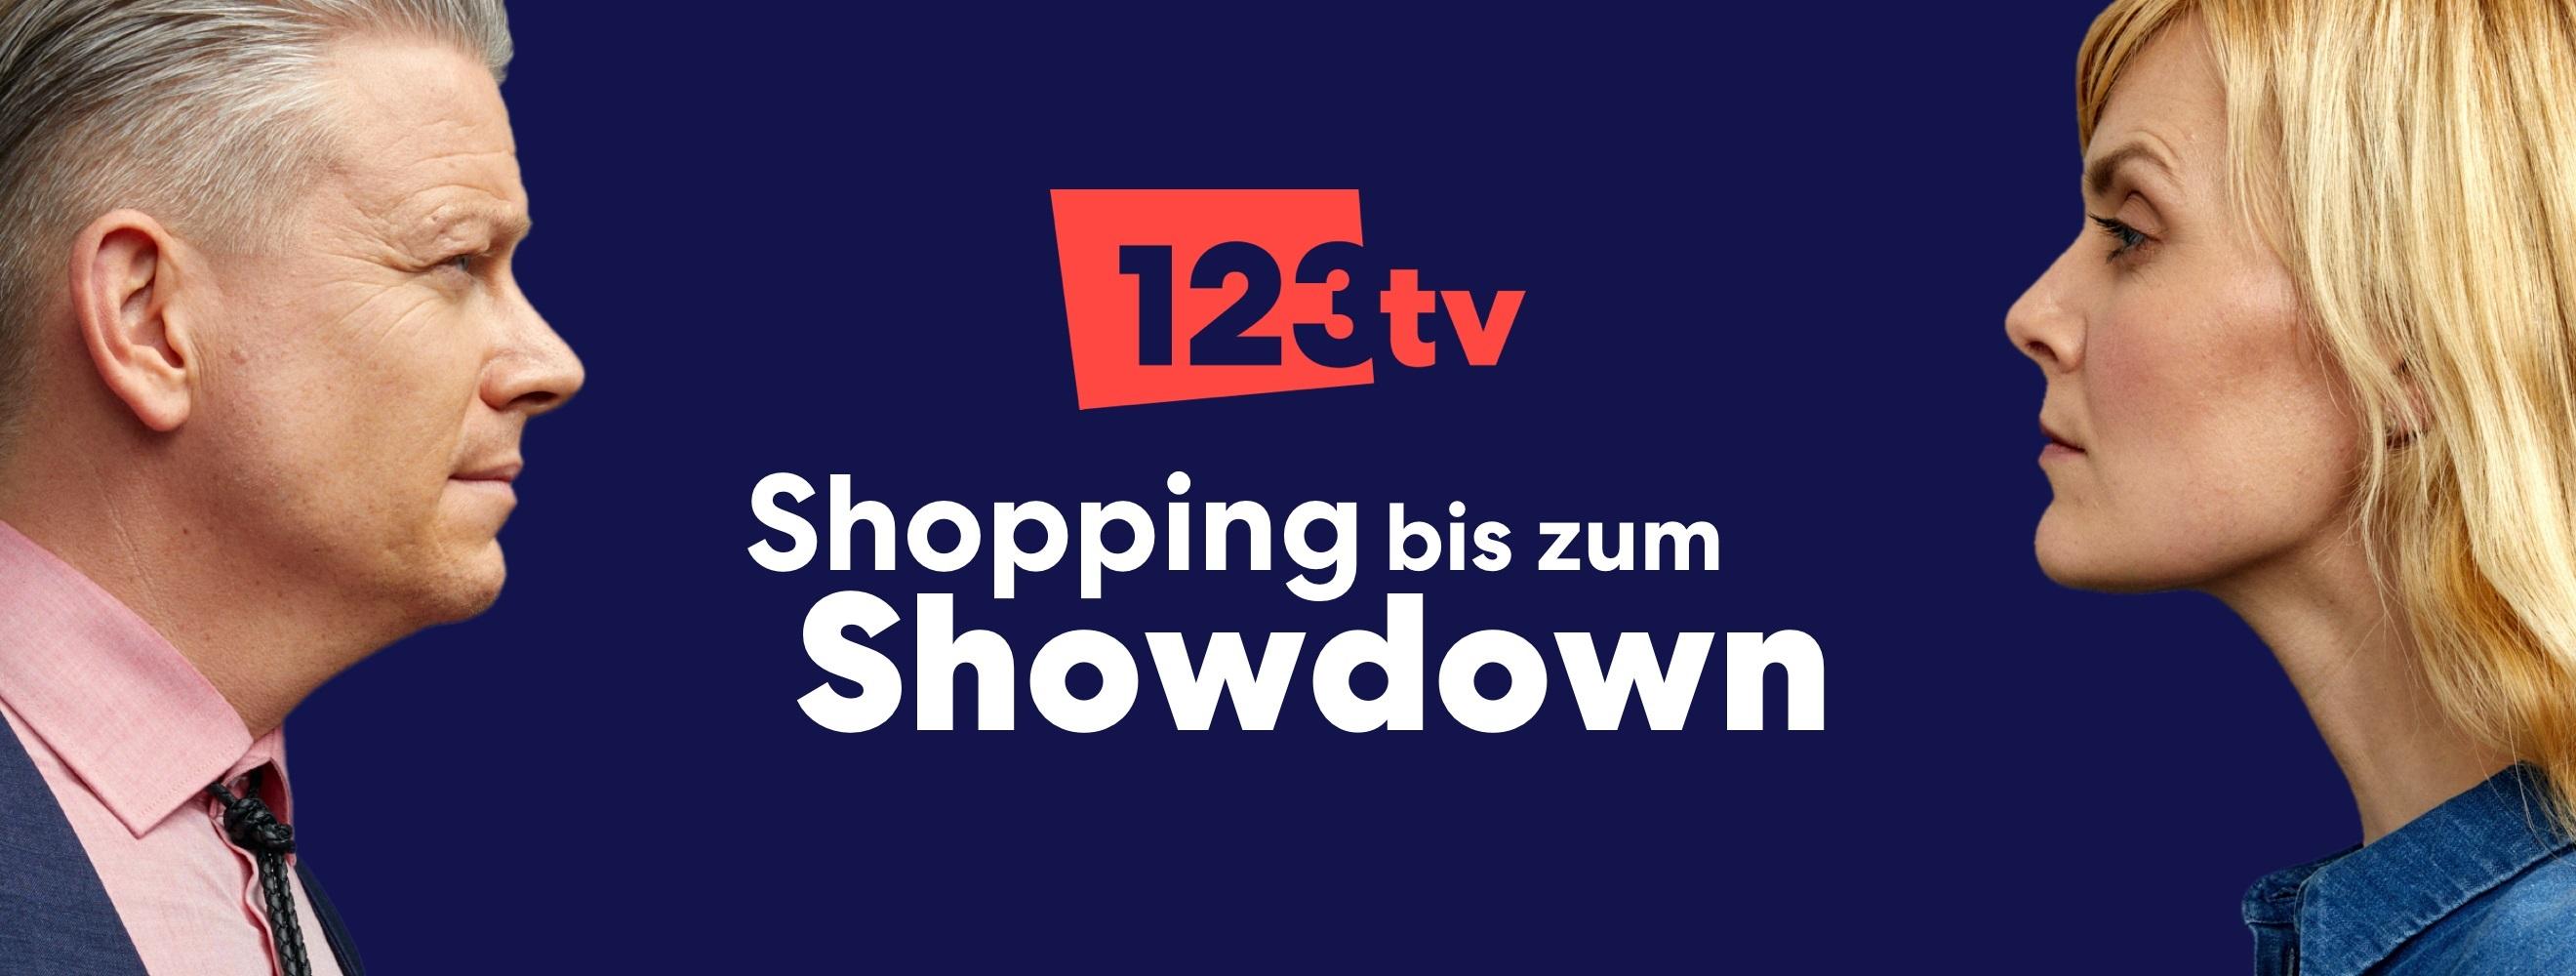 Teaser: Imagekampagne 1-2-3.tv